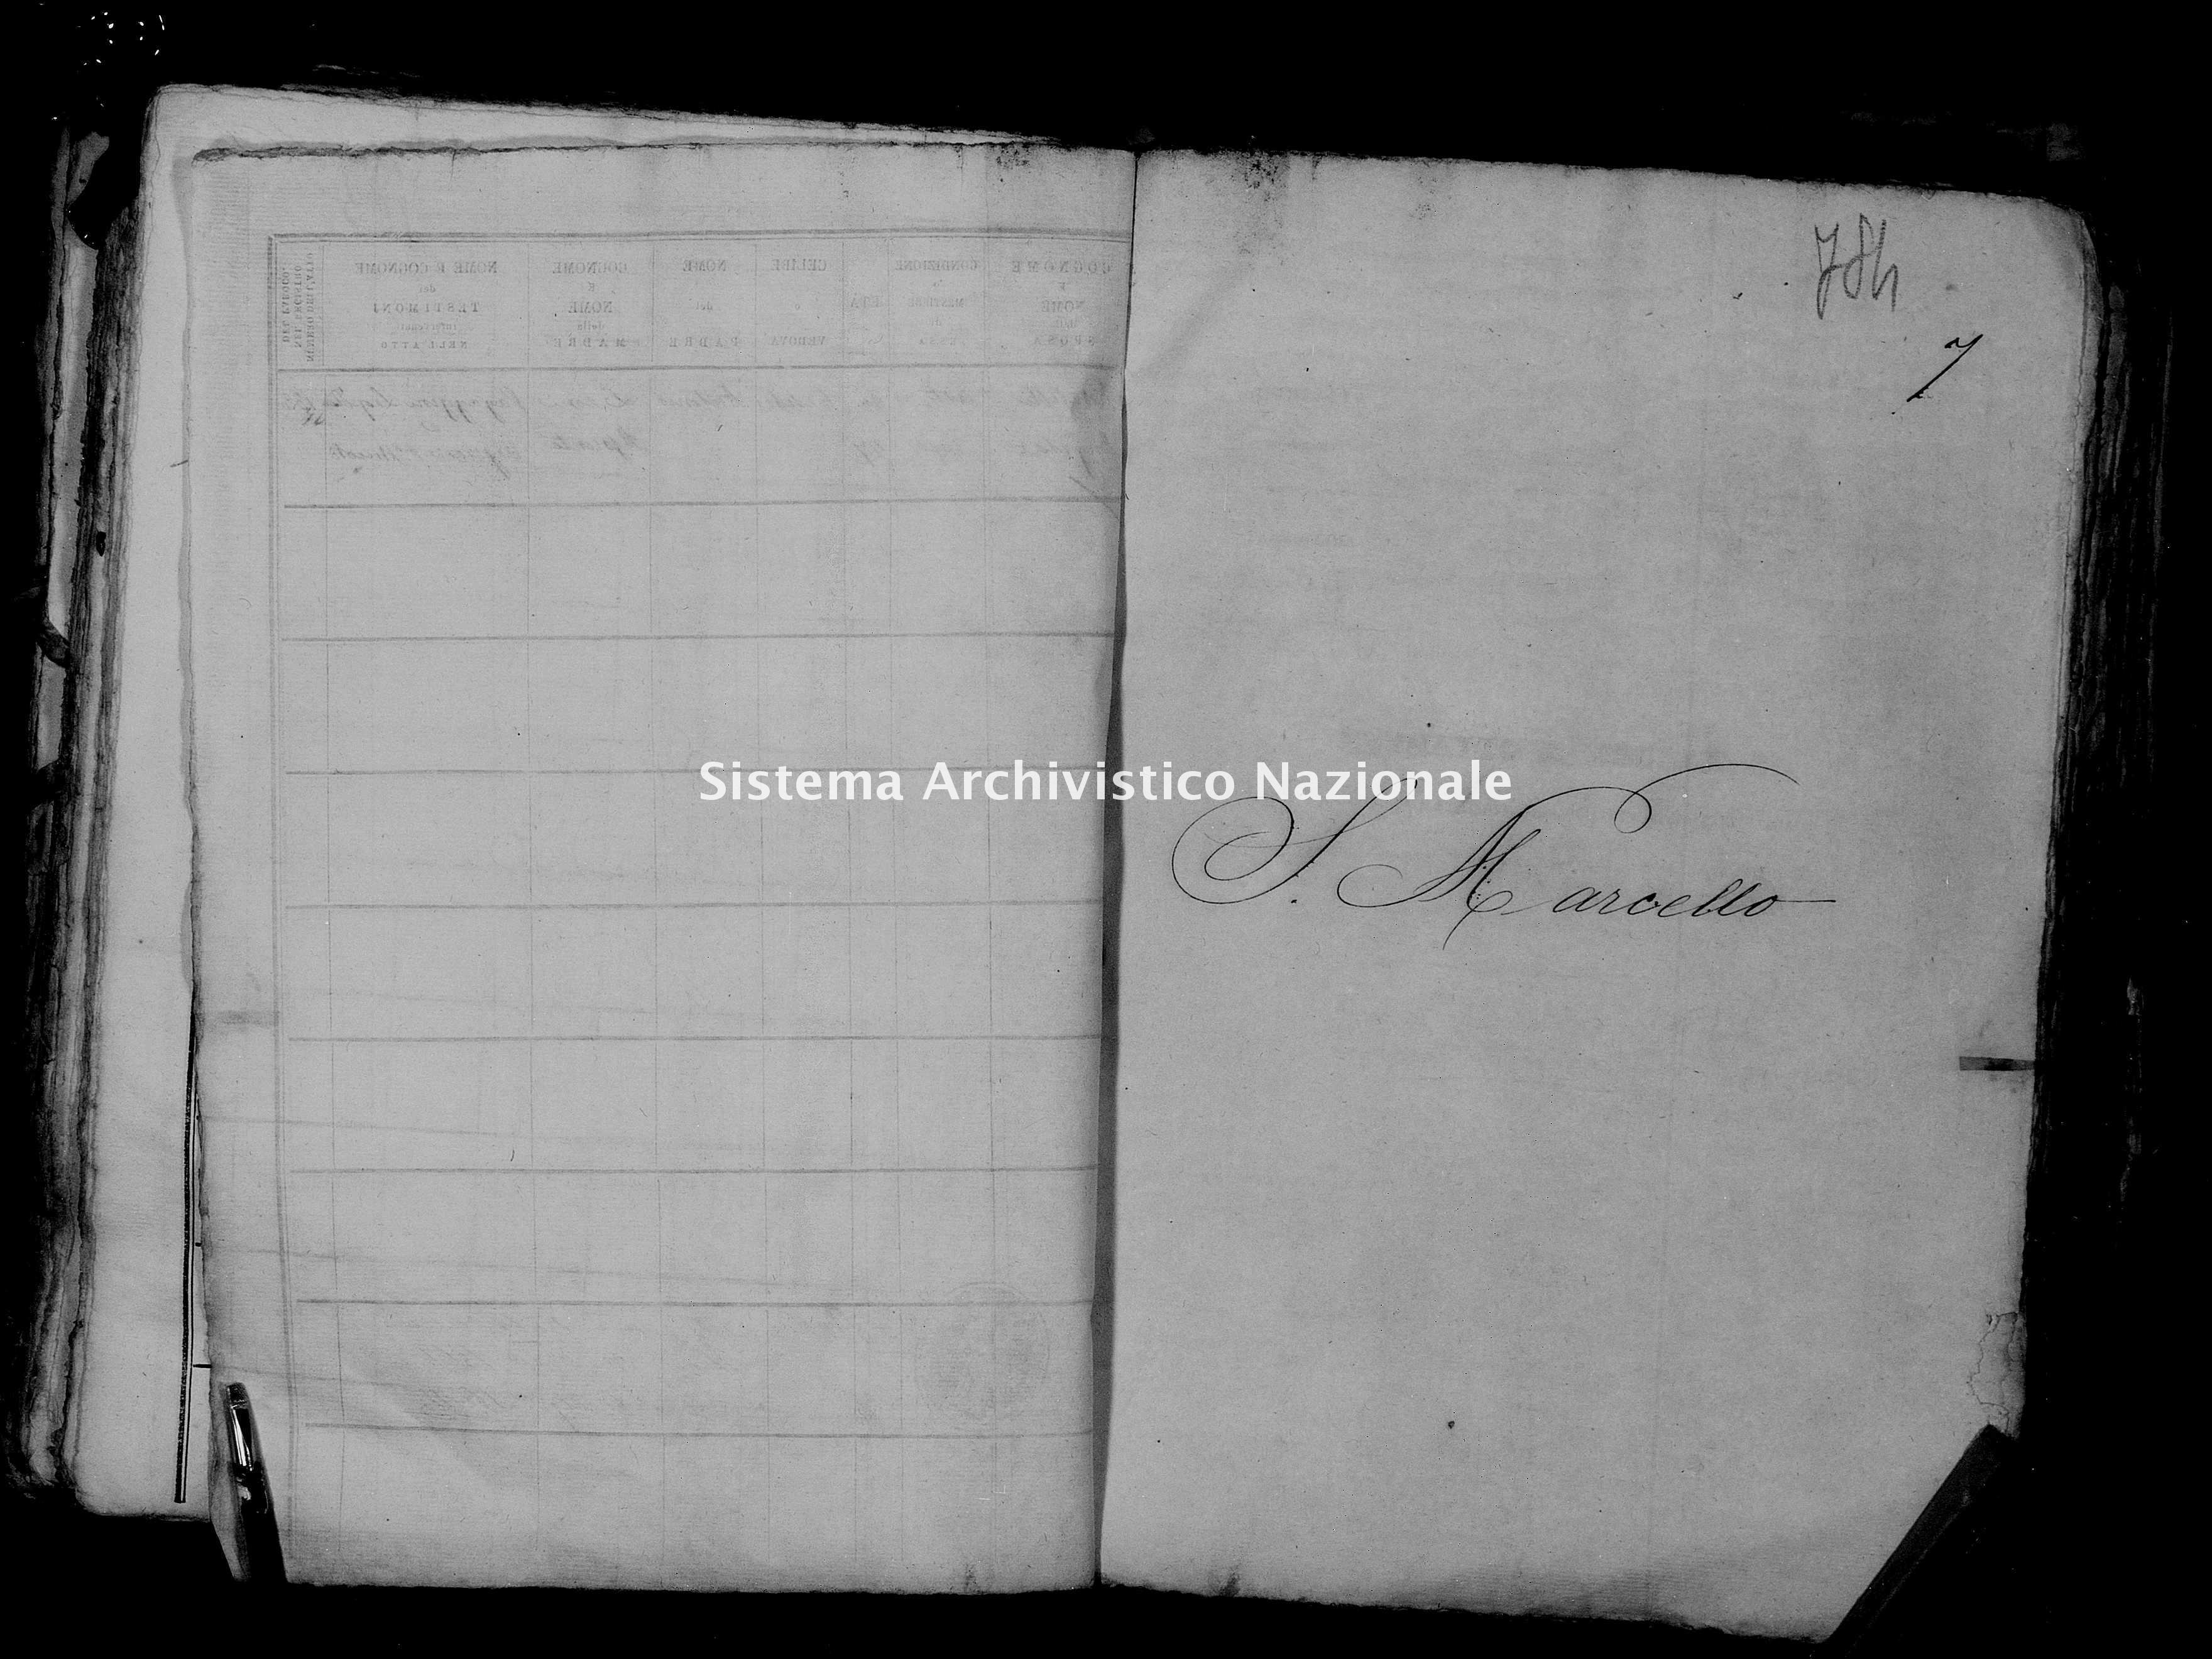 Archivio di stato di Firenze - Stato civile del circondario di Firenze (1866-1965) - San Marcello - Matrimoni - 1861 - 1315 -